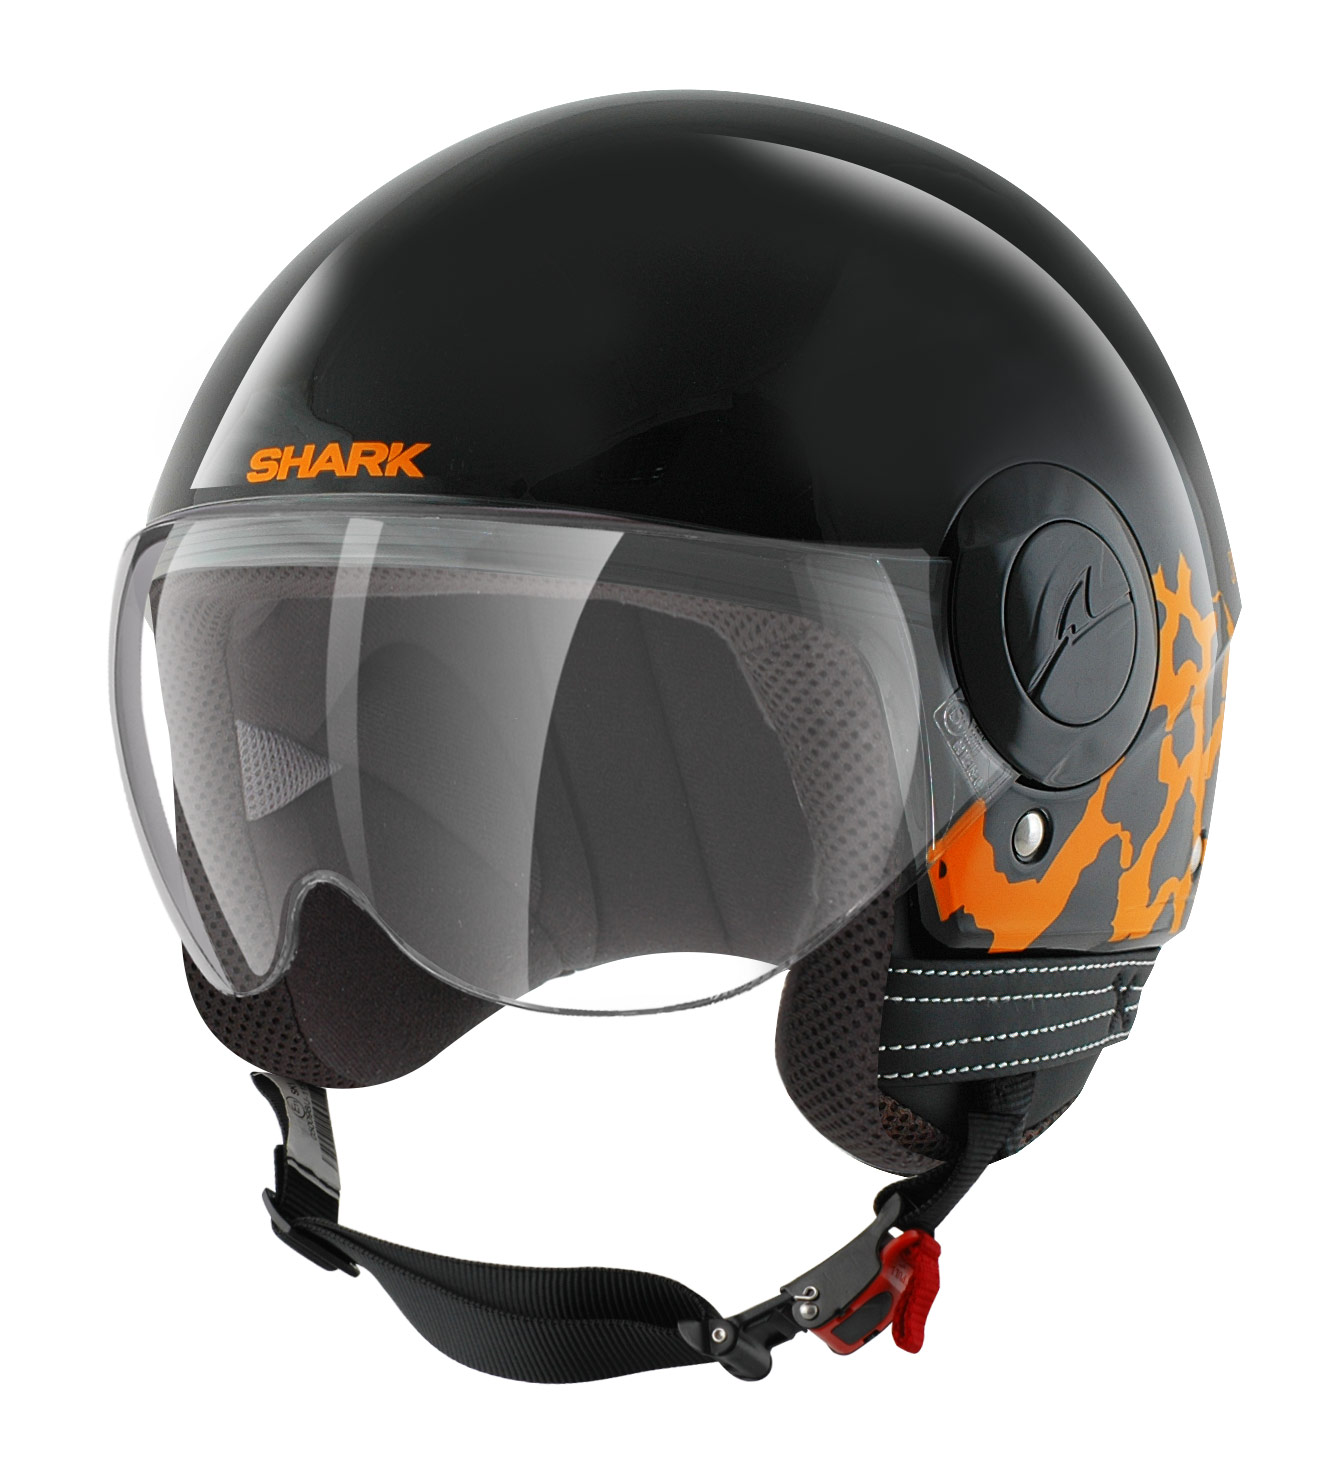 casque shark sk chilka blanc noir japauto accessoires equipement pilote pour moto et scooter. Black Bedroom Furniture Sets. Home Design Ideas